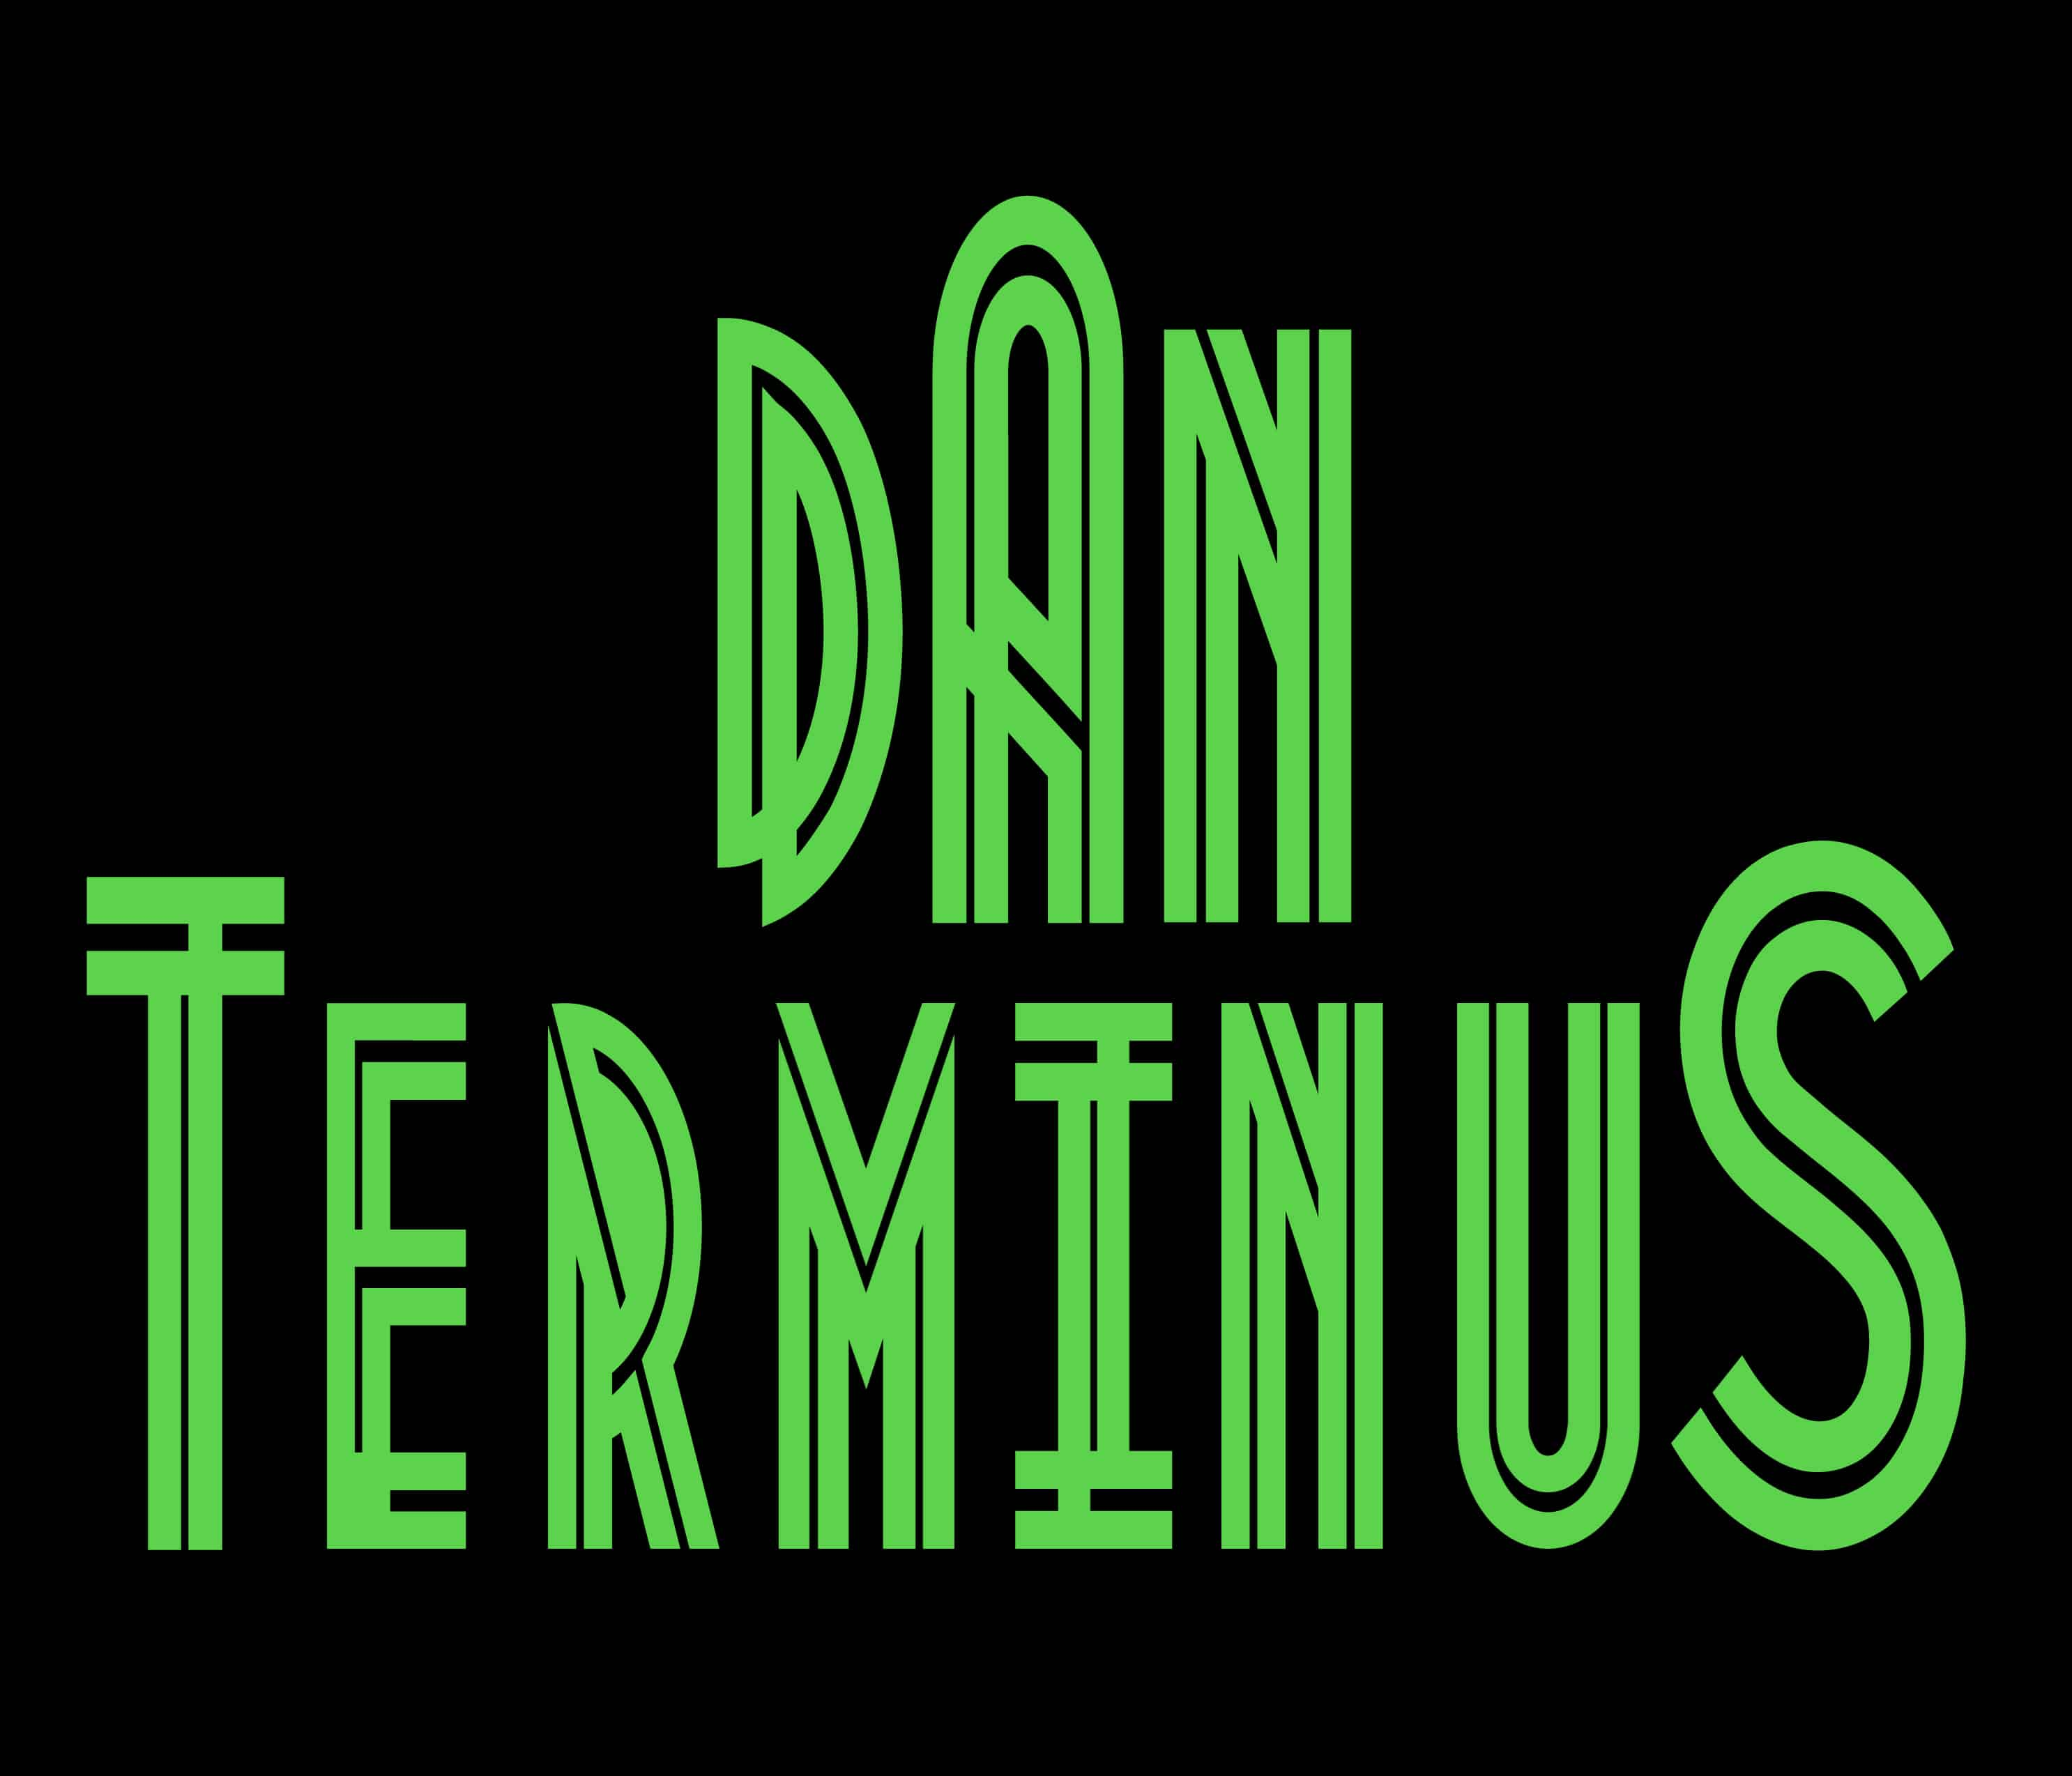 Dan Terminus graphic design